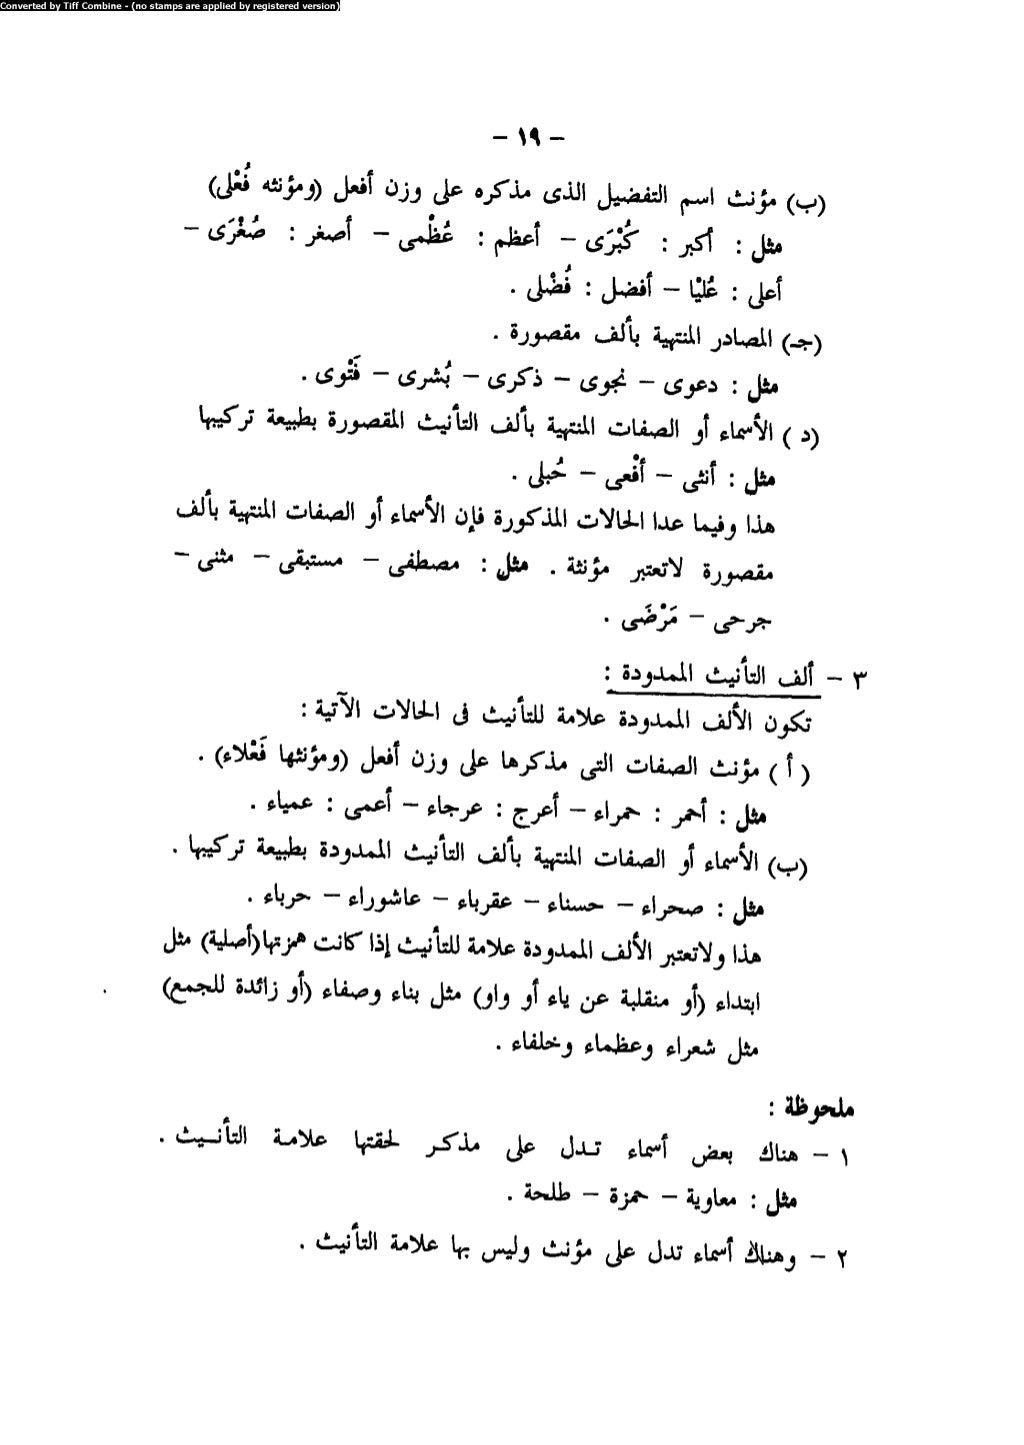 ملخص قواعد اللغة العربية